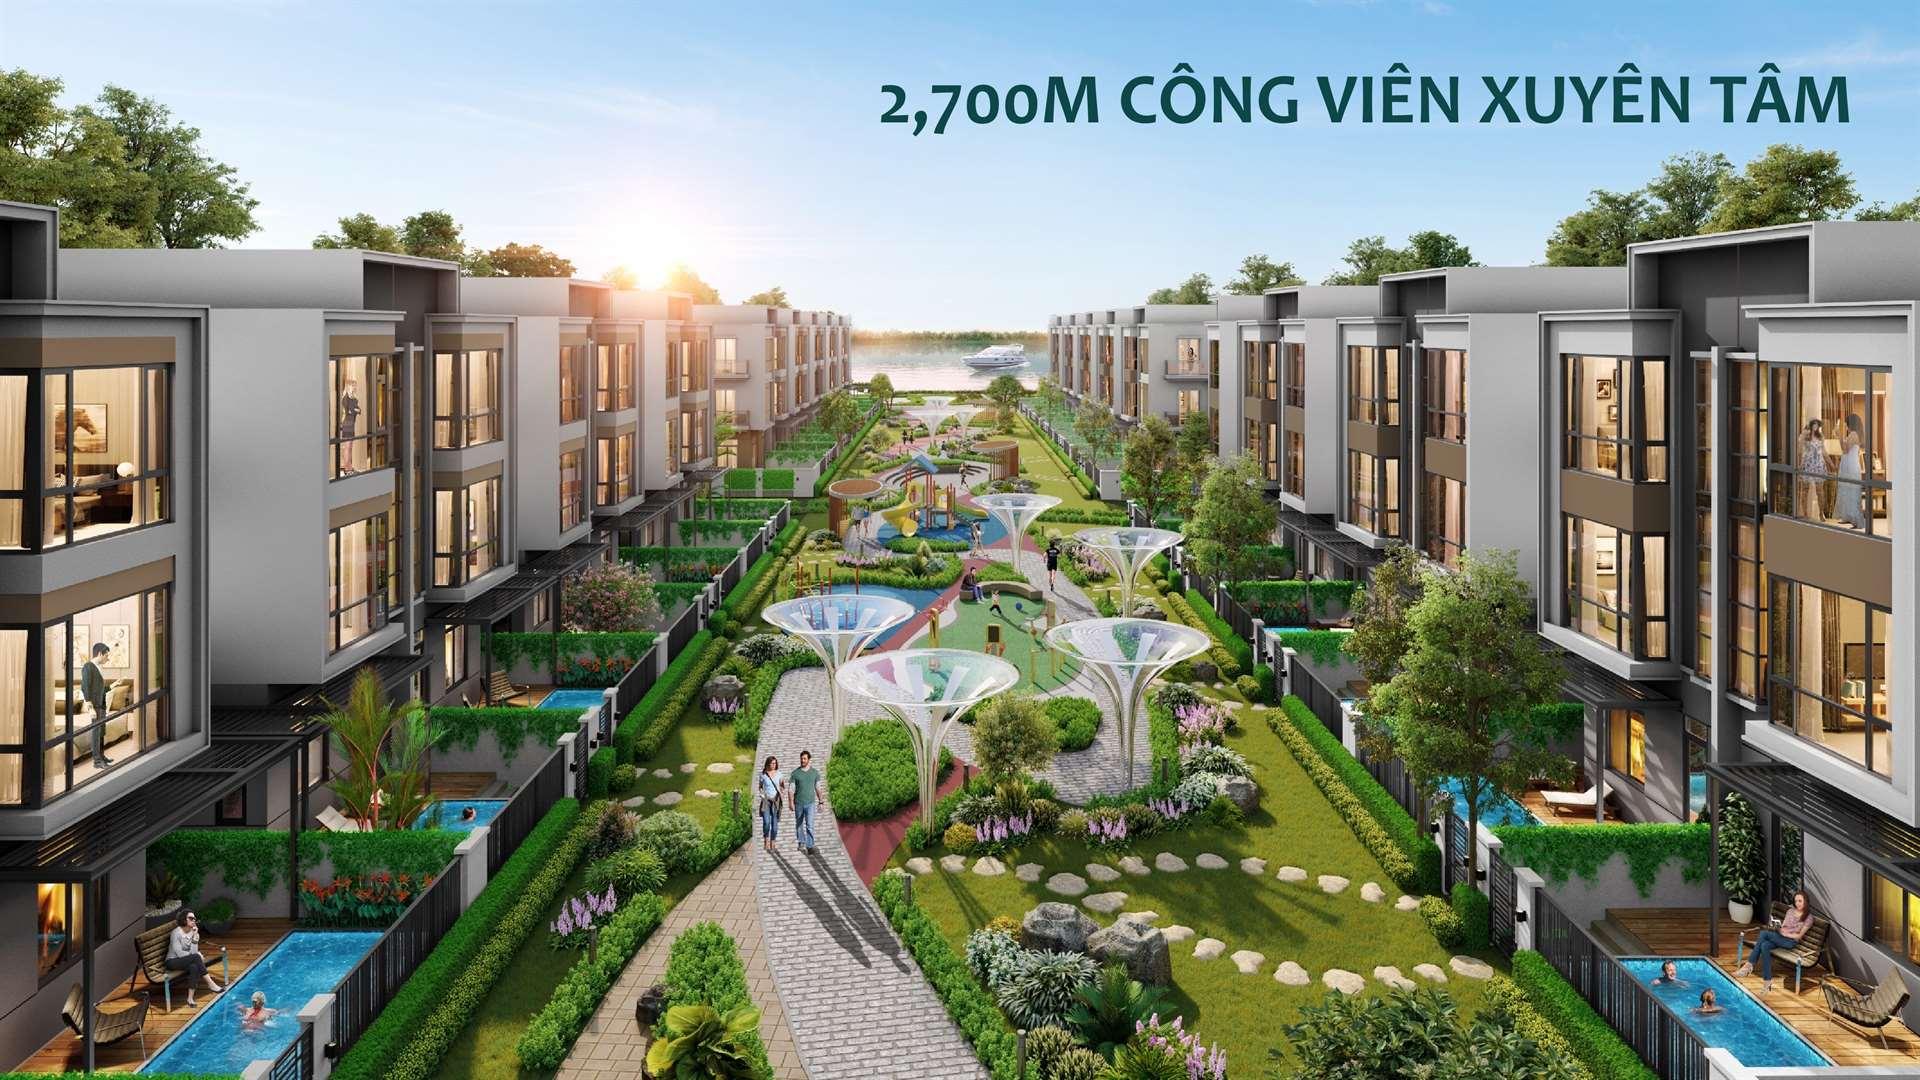 cong-vien-xuyen-tam-Aqua-City-phan-khu-Dao-Phuong-Hoang-Phoenix-South-Island